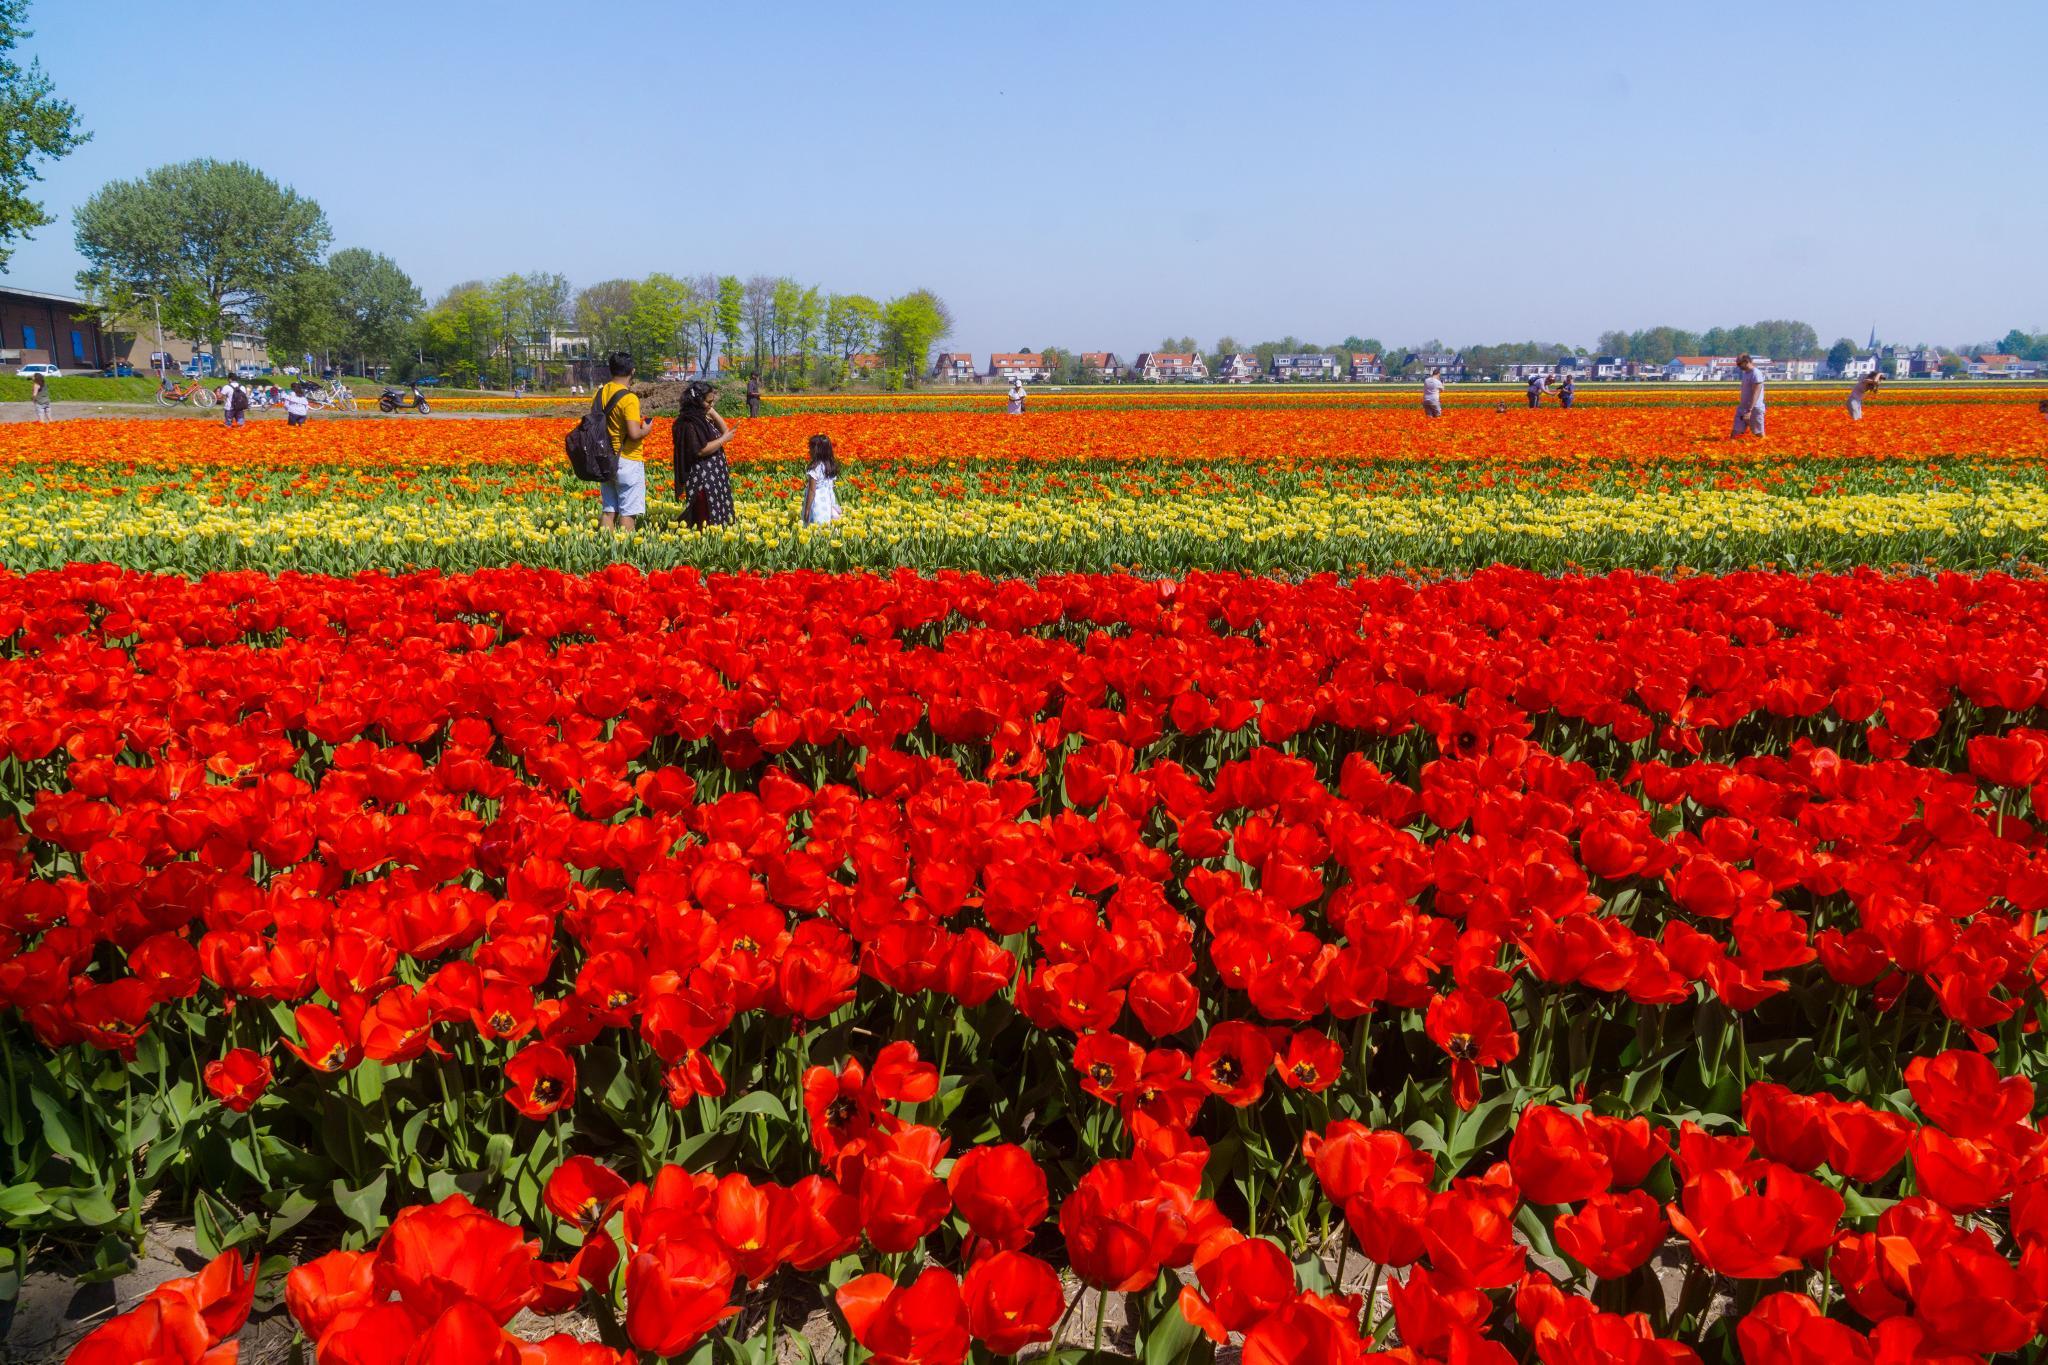 【荷蘭印象】花田嬉事:荷蘭單車花之路 23